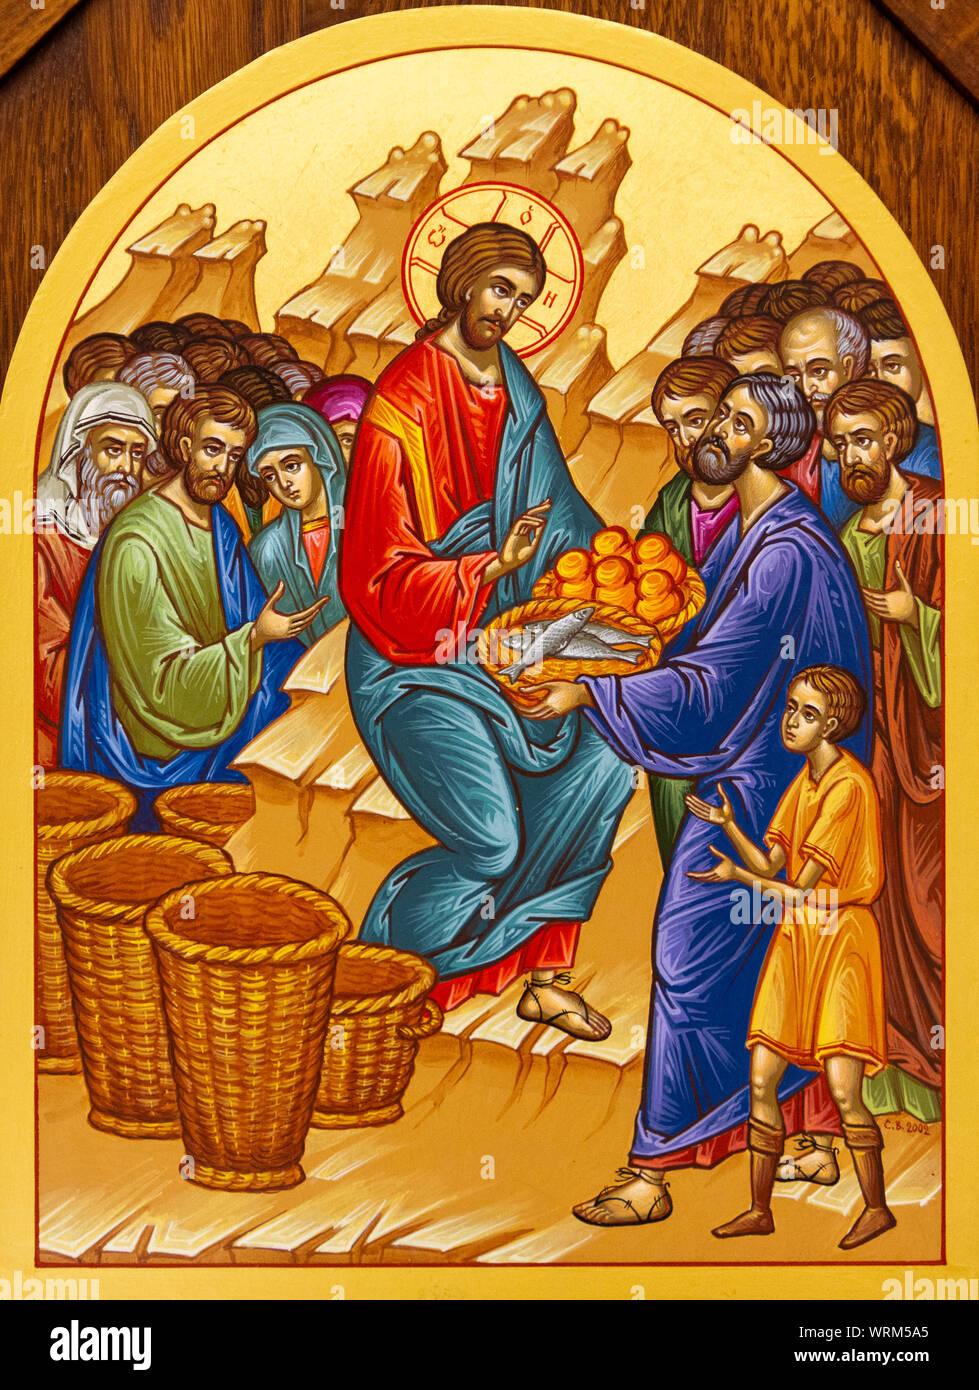 El icono de la multiplicación de los panes y los peces - Alimentación de la  multitud. La iglesia de San Elías Fotografía de stock - Alamy